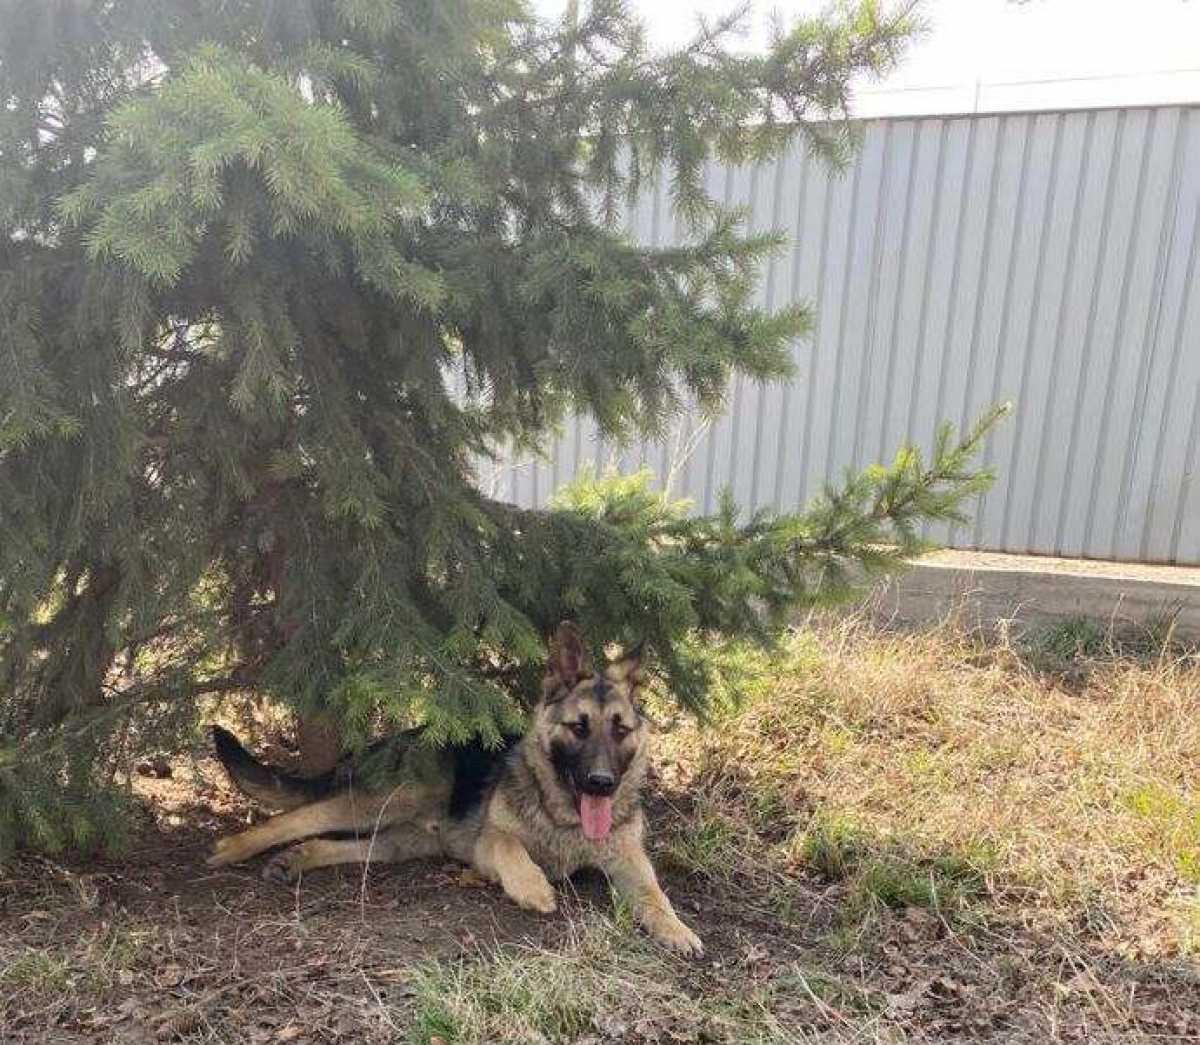 Служебная собака обнаружила наркотики у жителя ВКО